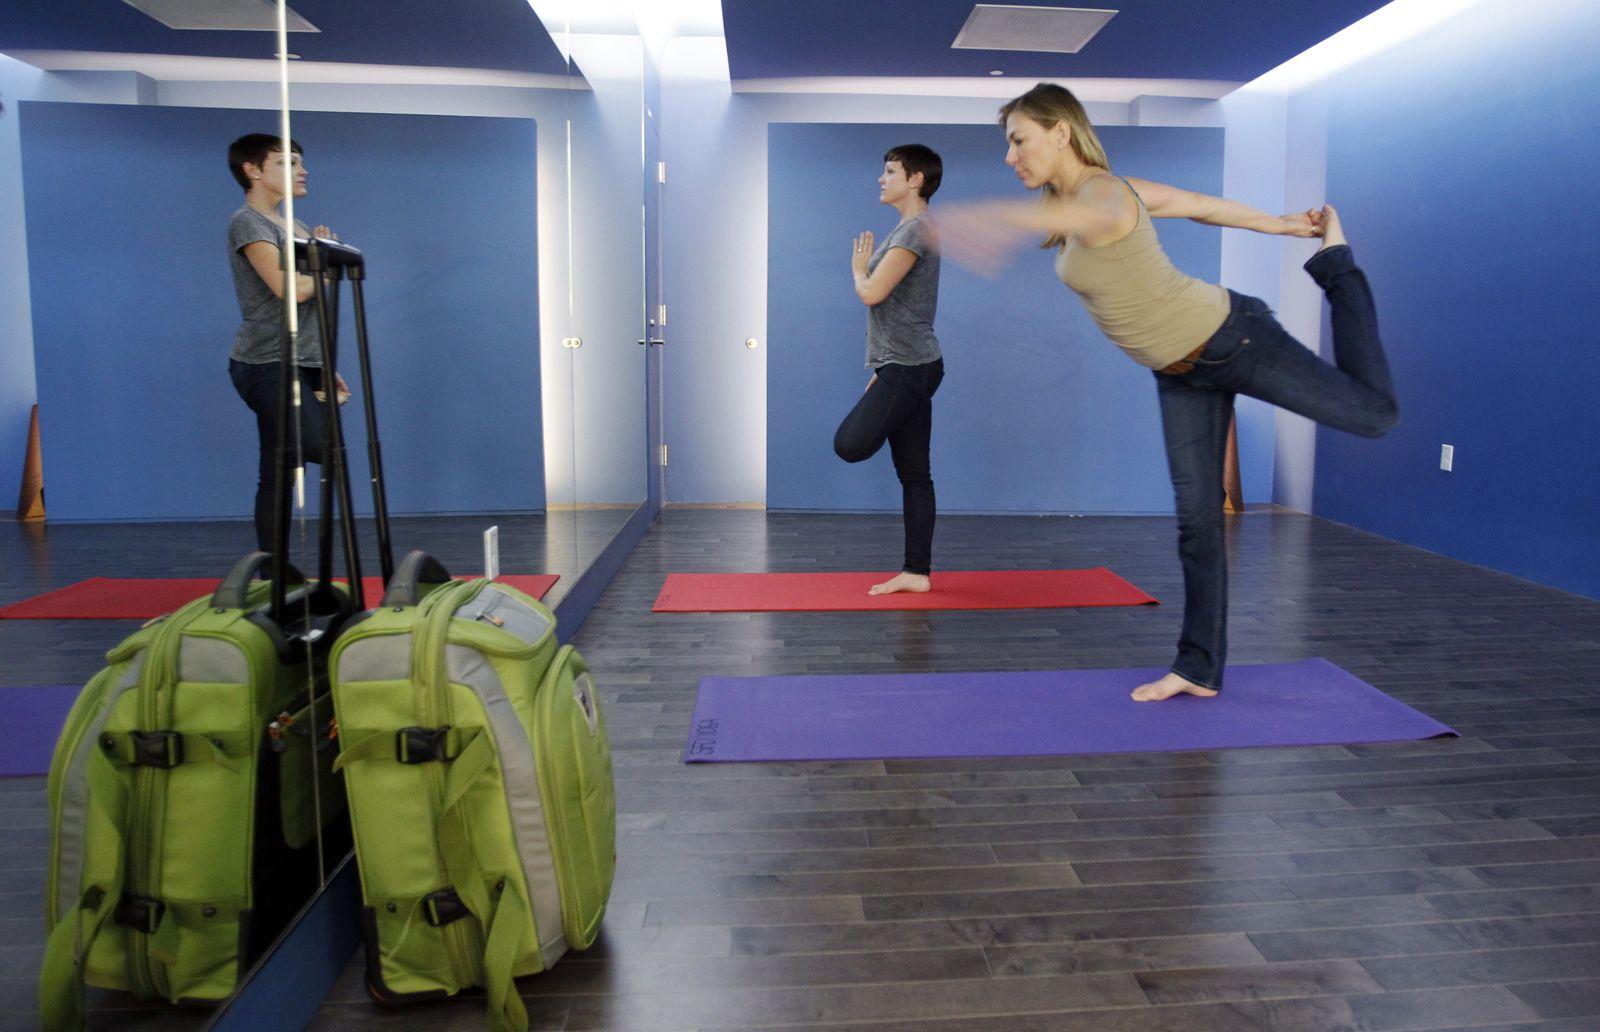 Flughafen / Yoga / San Francisco